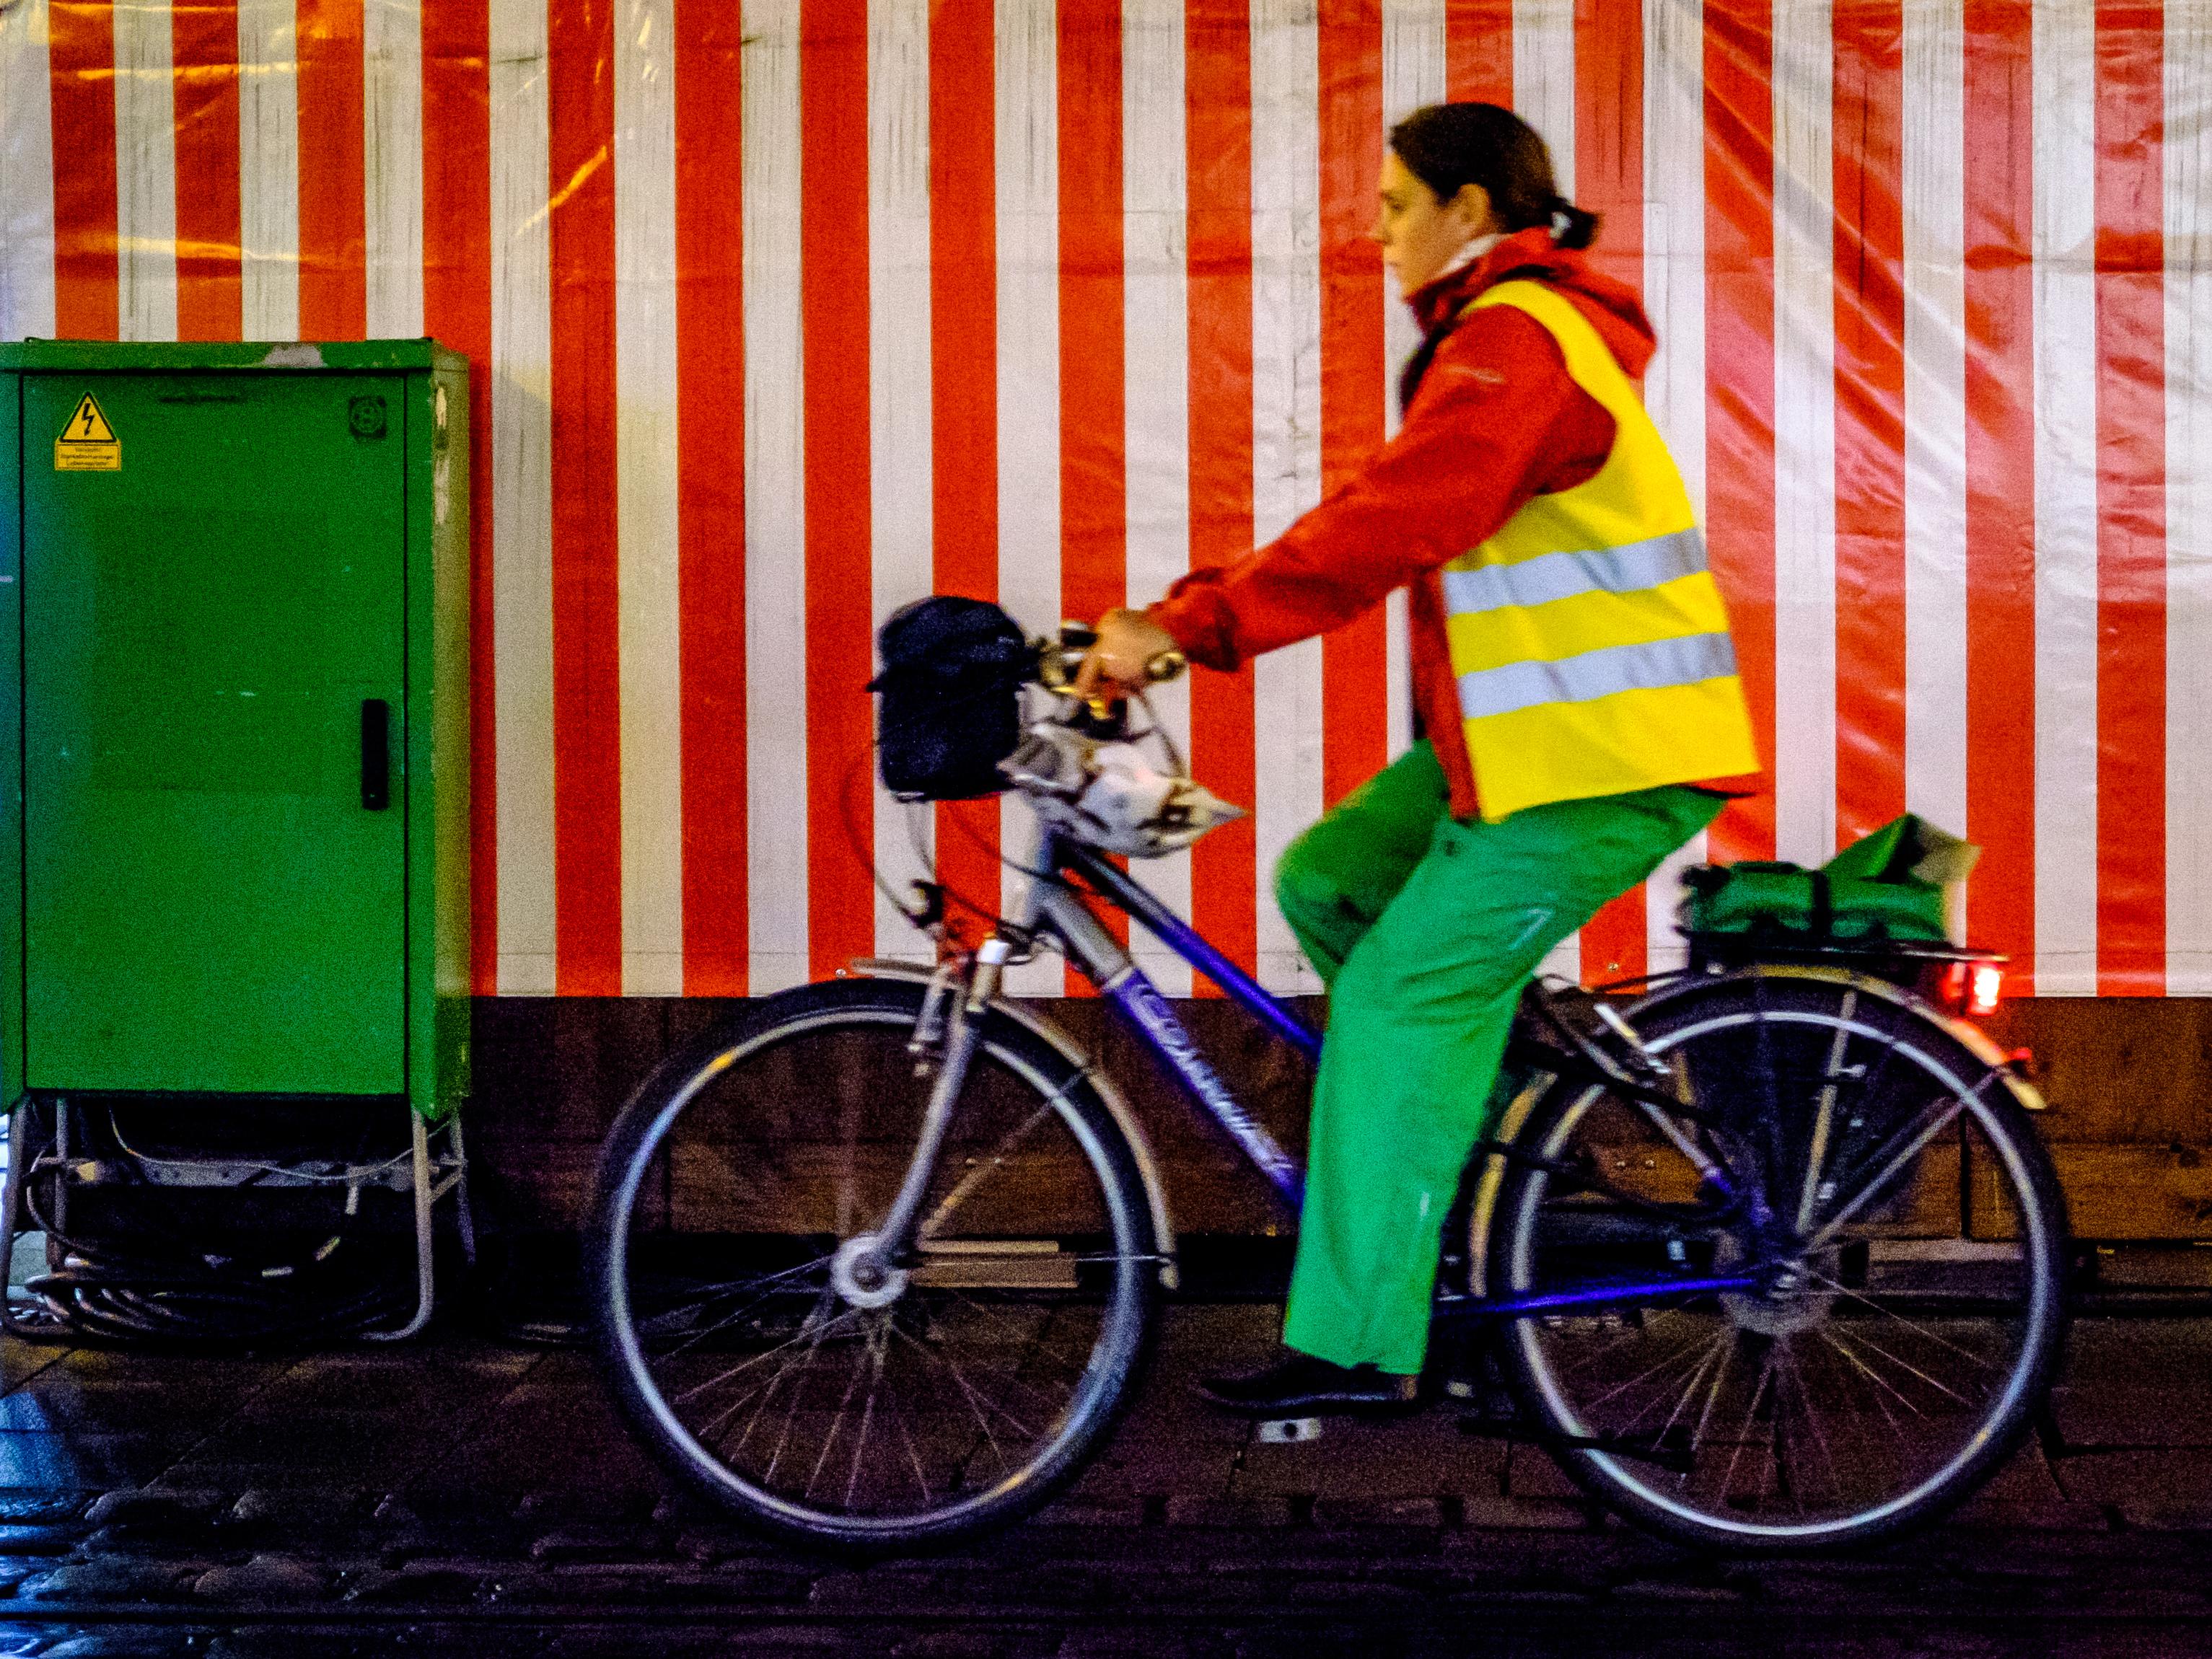 hình ảnh : Xe đạp, màu, thiết bị thể thao, đạp xe, Xe đất 3066x2300